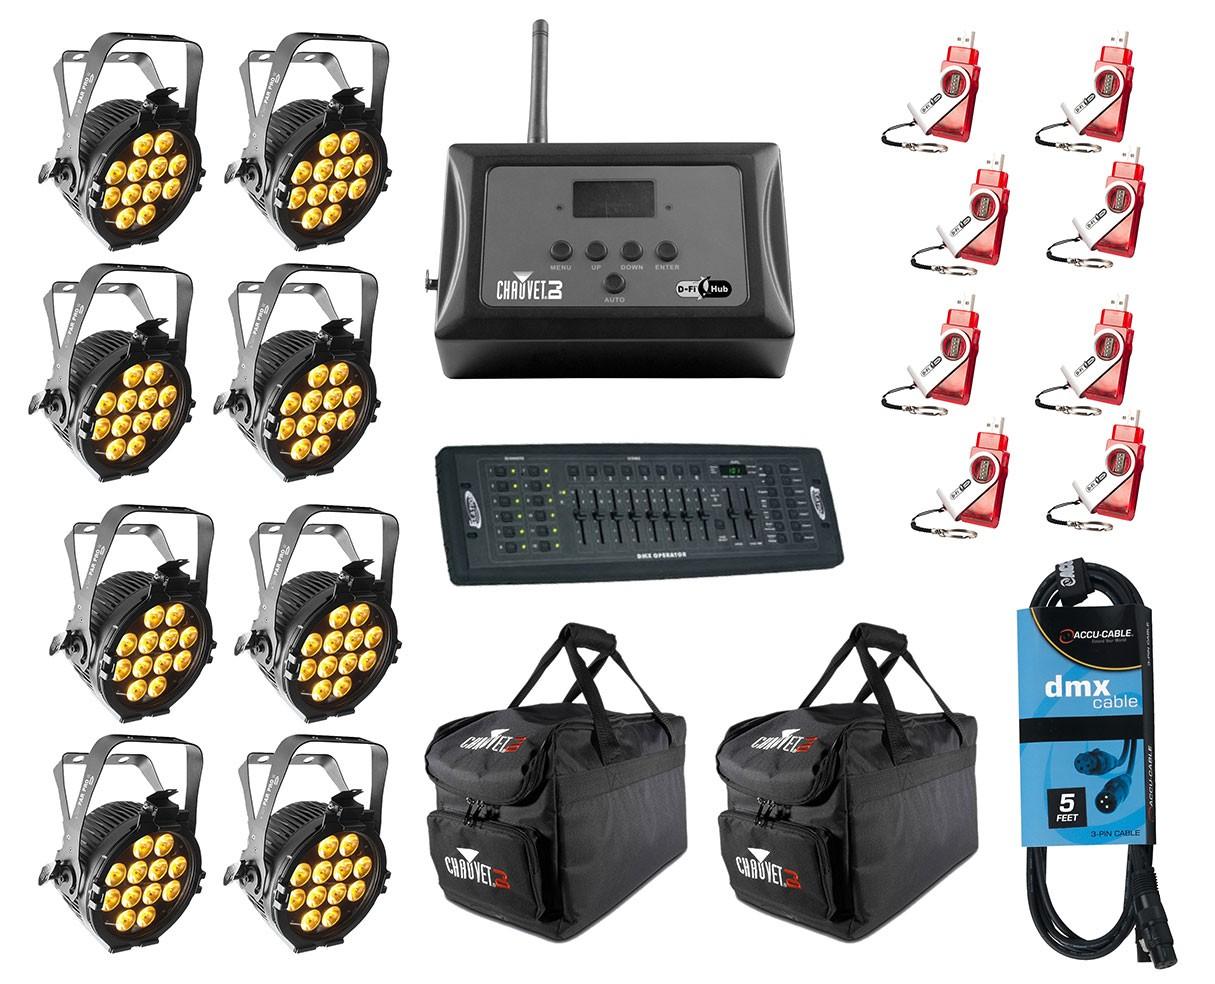 8x CHAUVET DJ SlimPAR Pro W USB + D-Fi 8-Pack with Hub + Controller + Cable + Bags